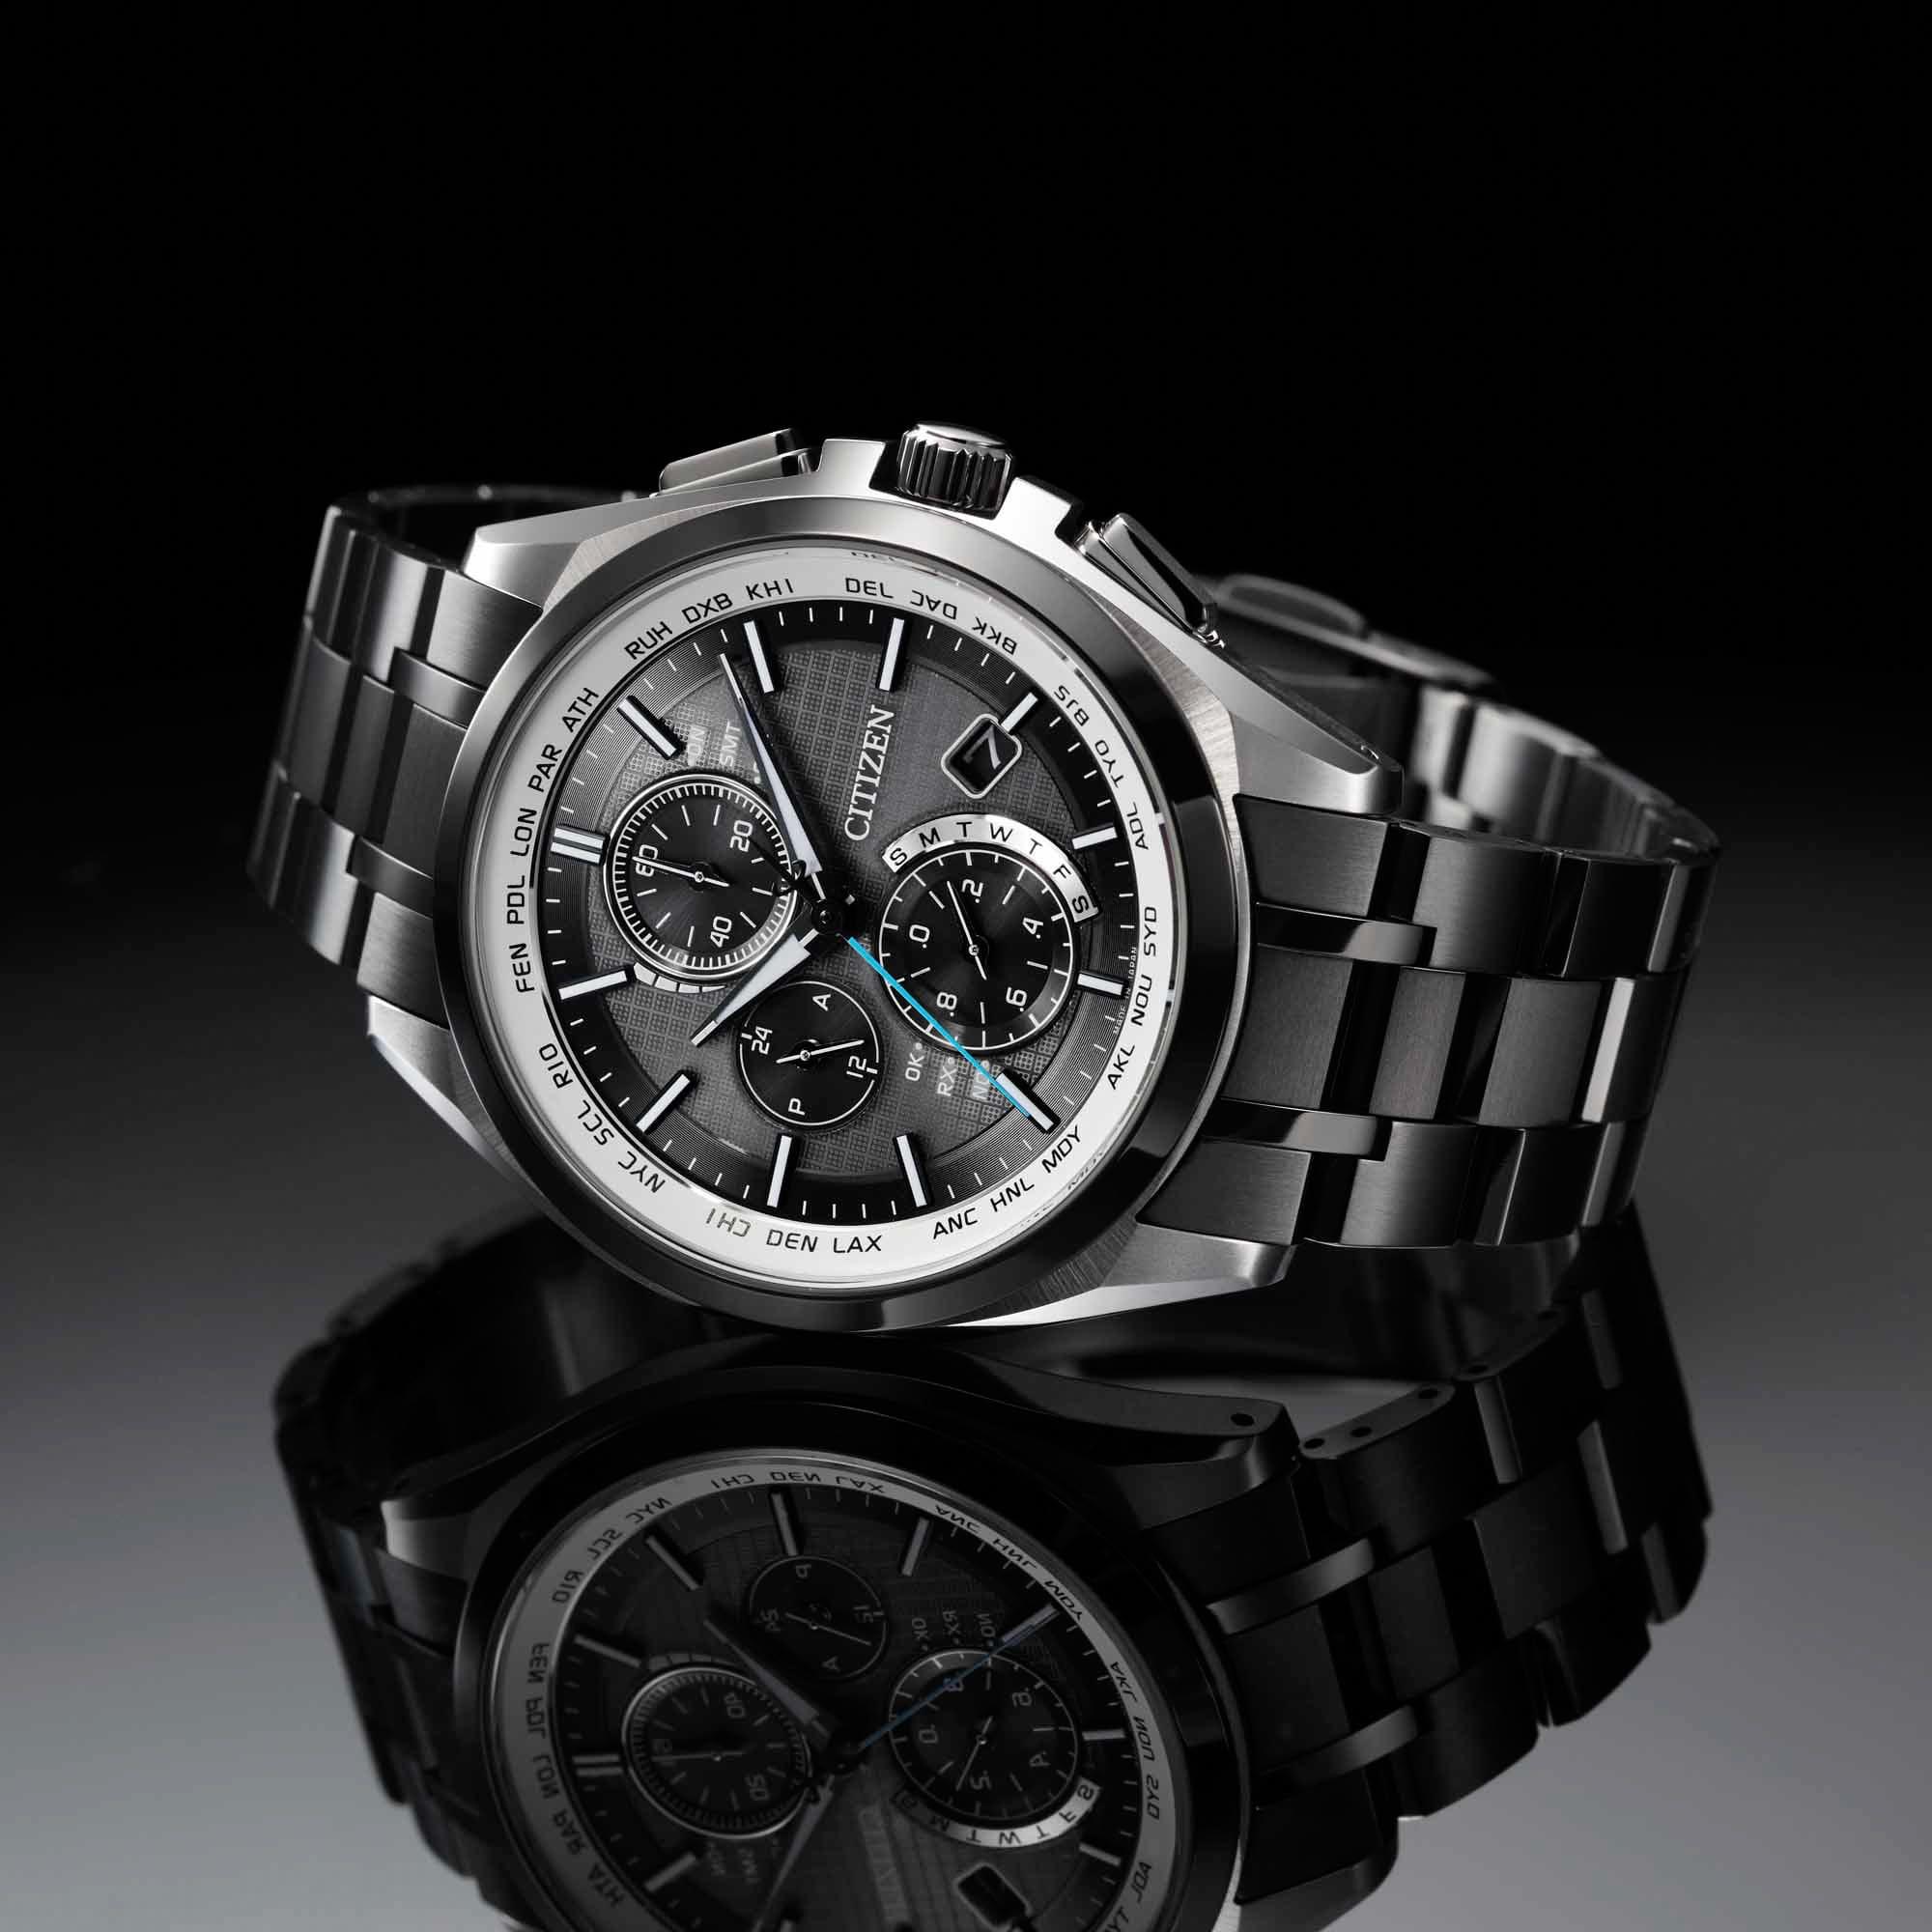 designer fashion a28cd 59298 シチズン時計が「AT8040」のカスタマイズサービスを提供開始 ...